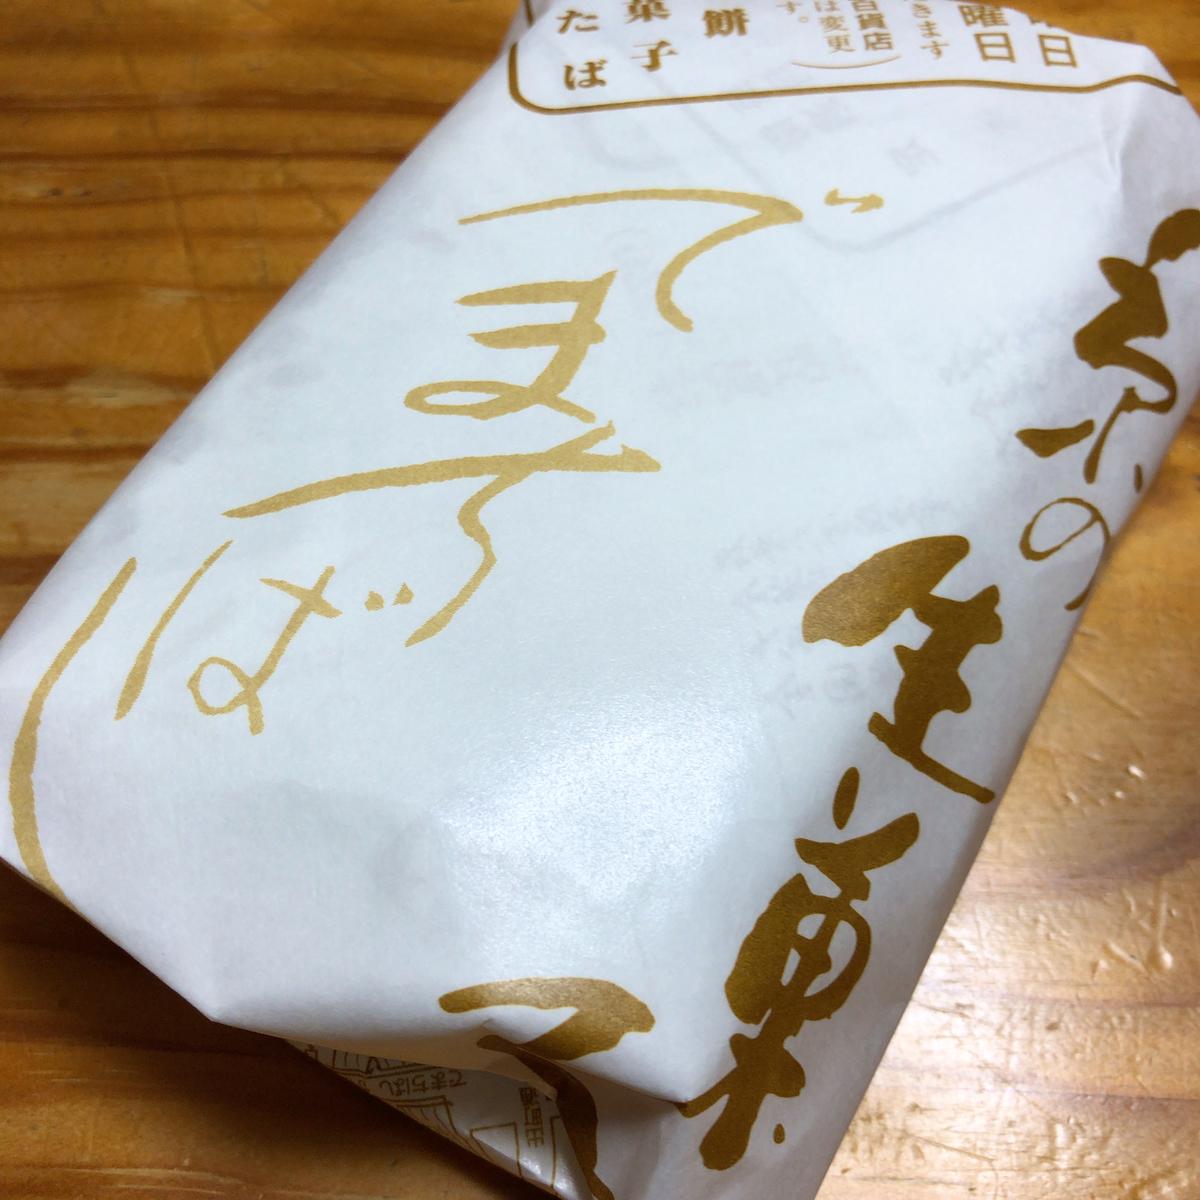 f:id:katsuyuki146:20200614200732j:plain